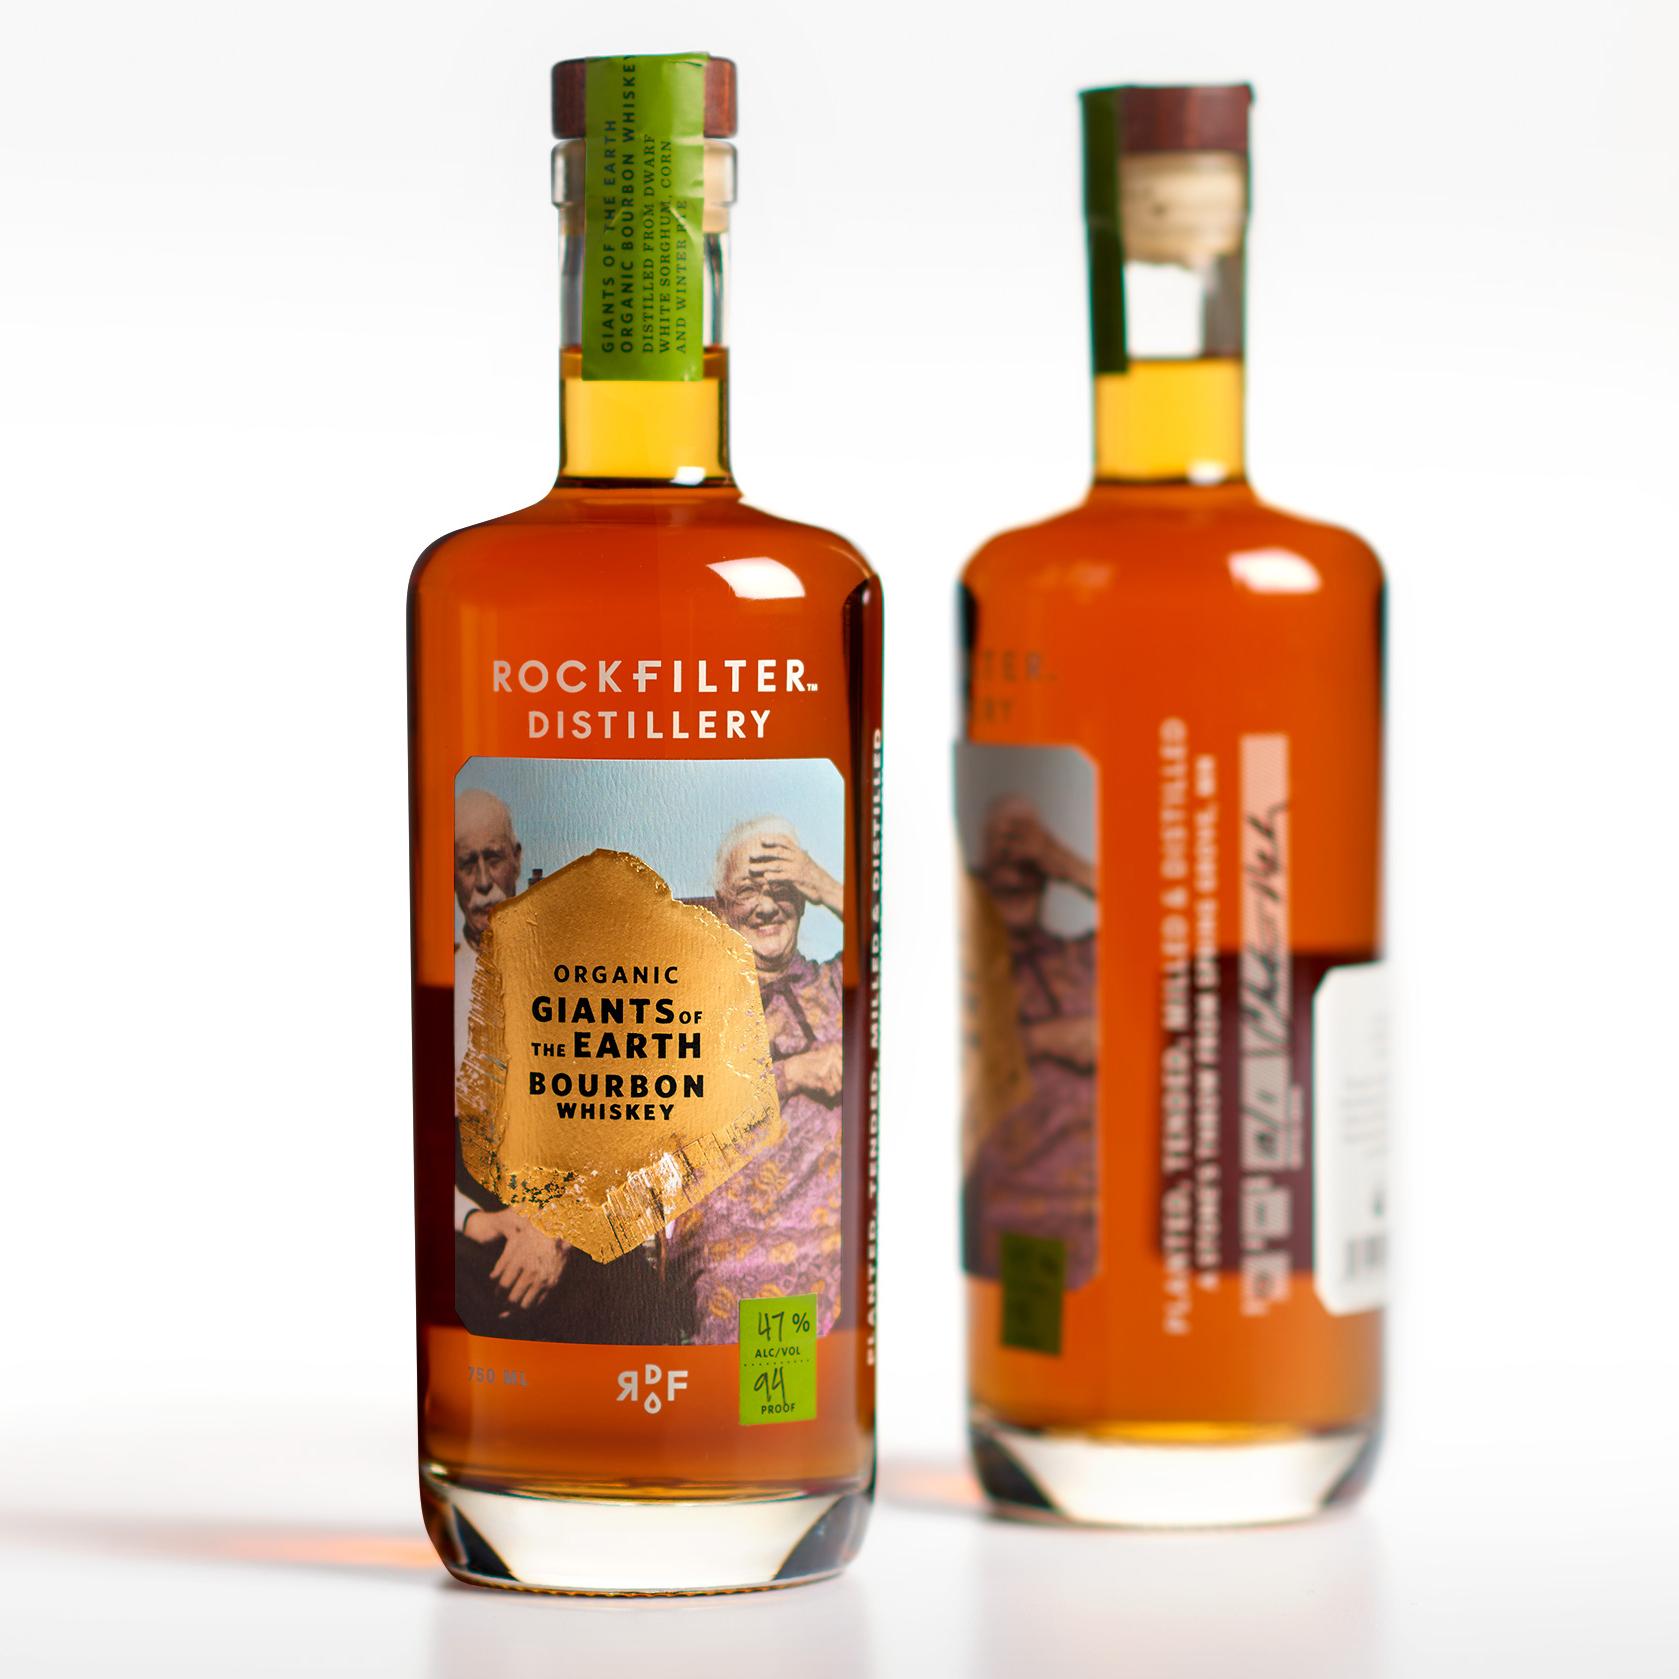 RockFilter Distillery identity & packaging